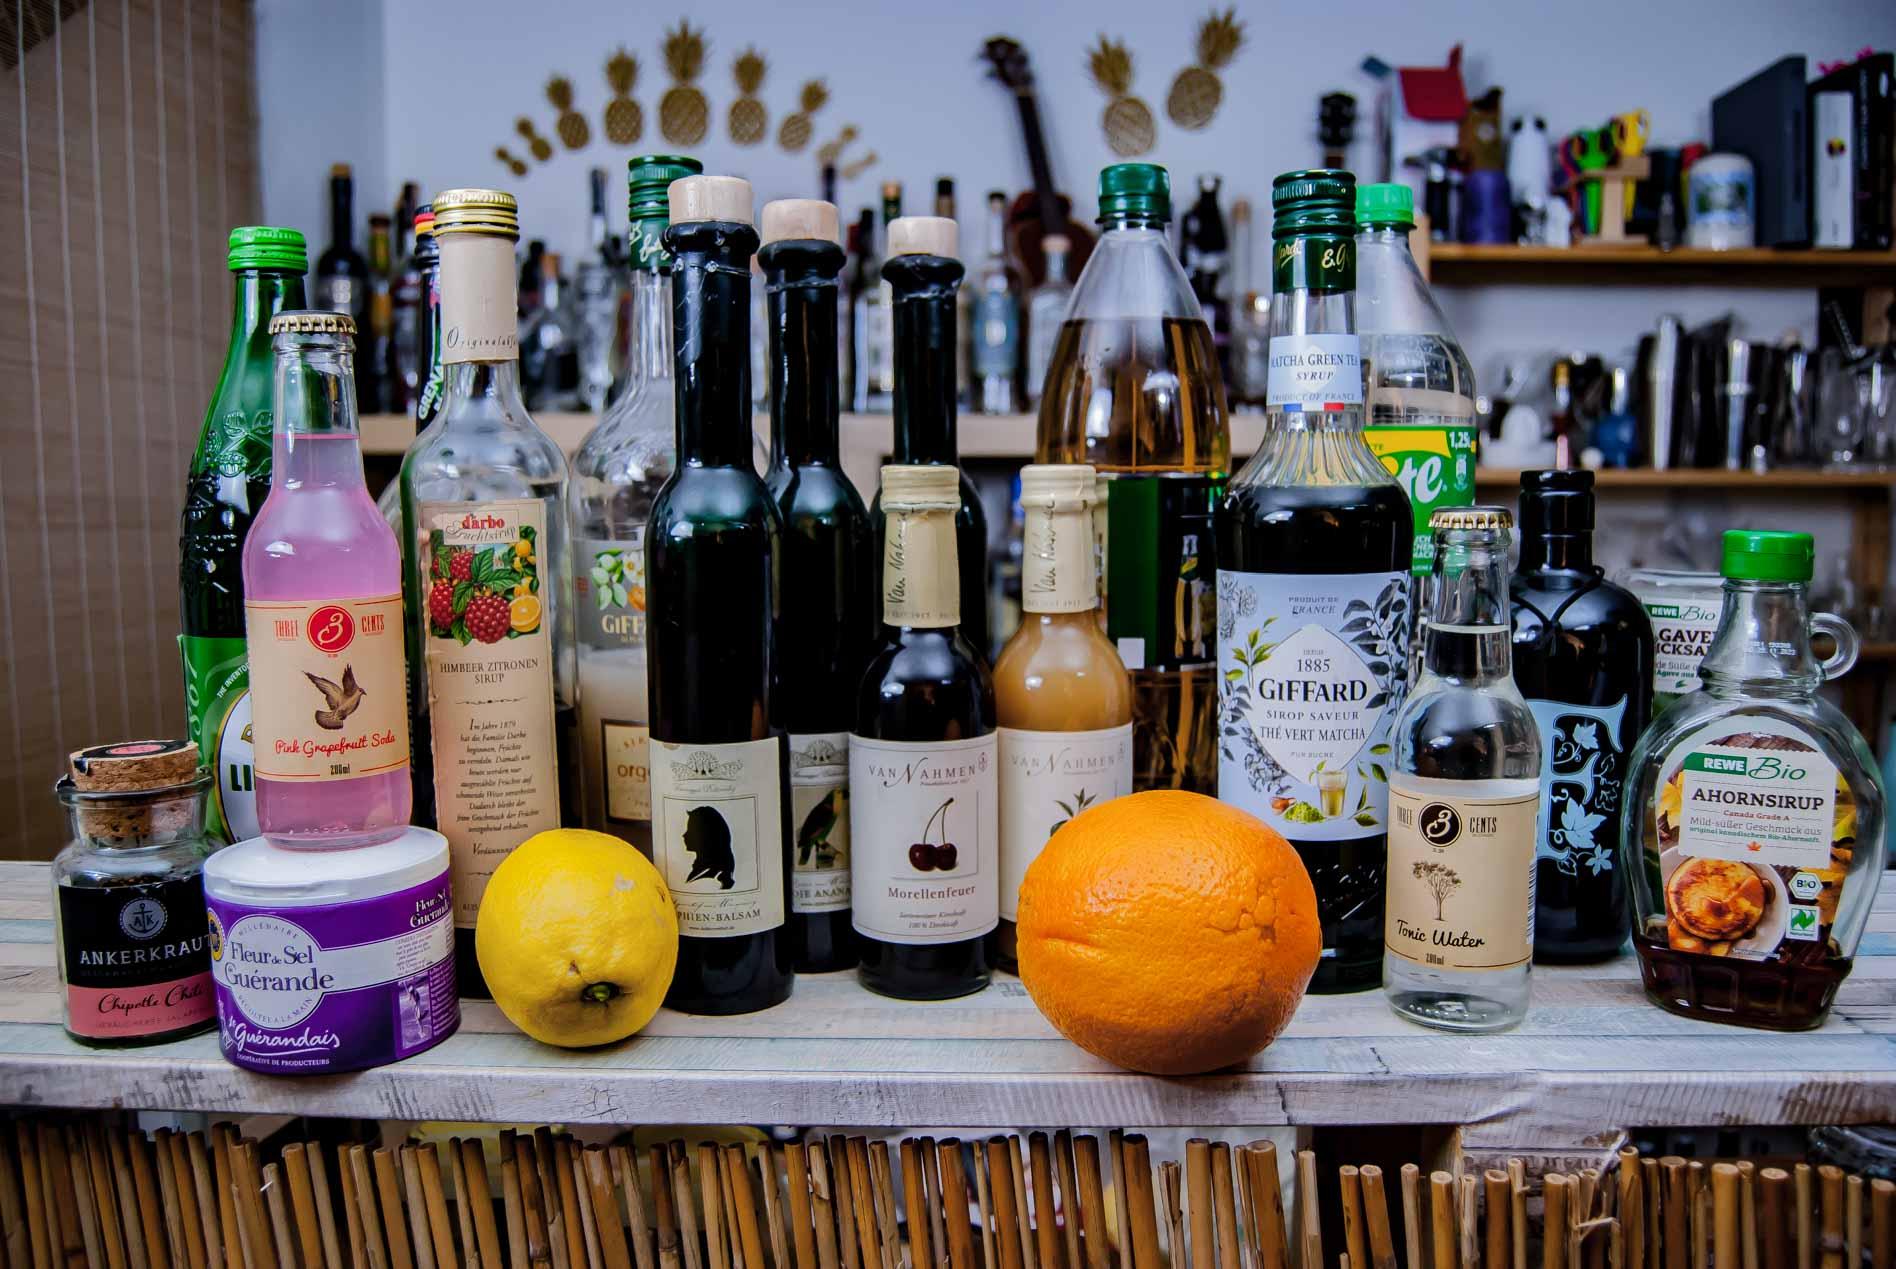 So sieht es aus, wenn wir mal alles auf die Bar stellen, aus dem wir aus dem Nichts einen alkoholfreien Drink mixen könnten.